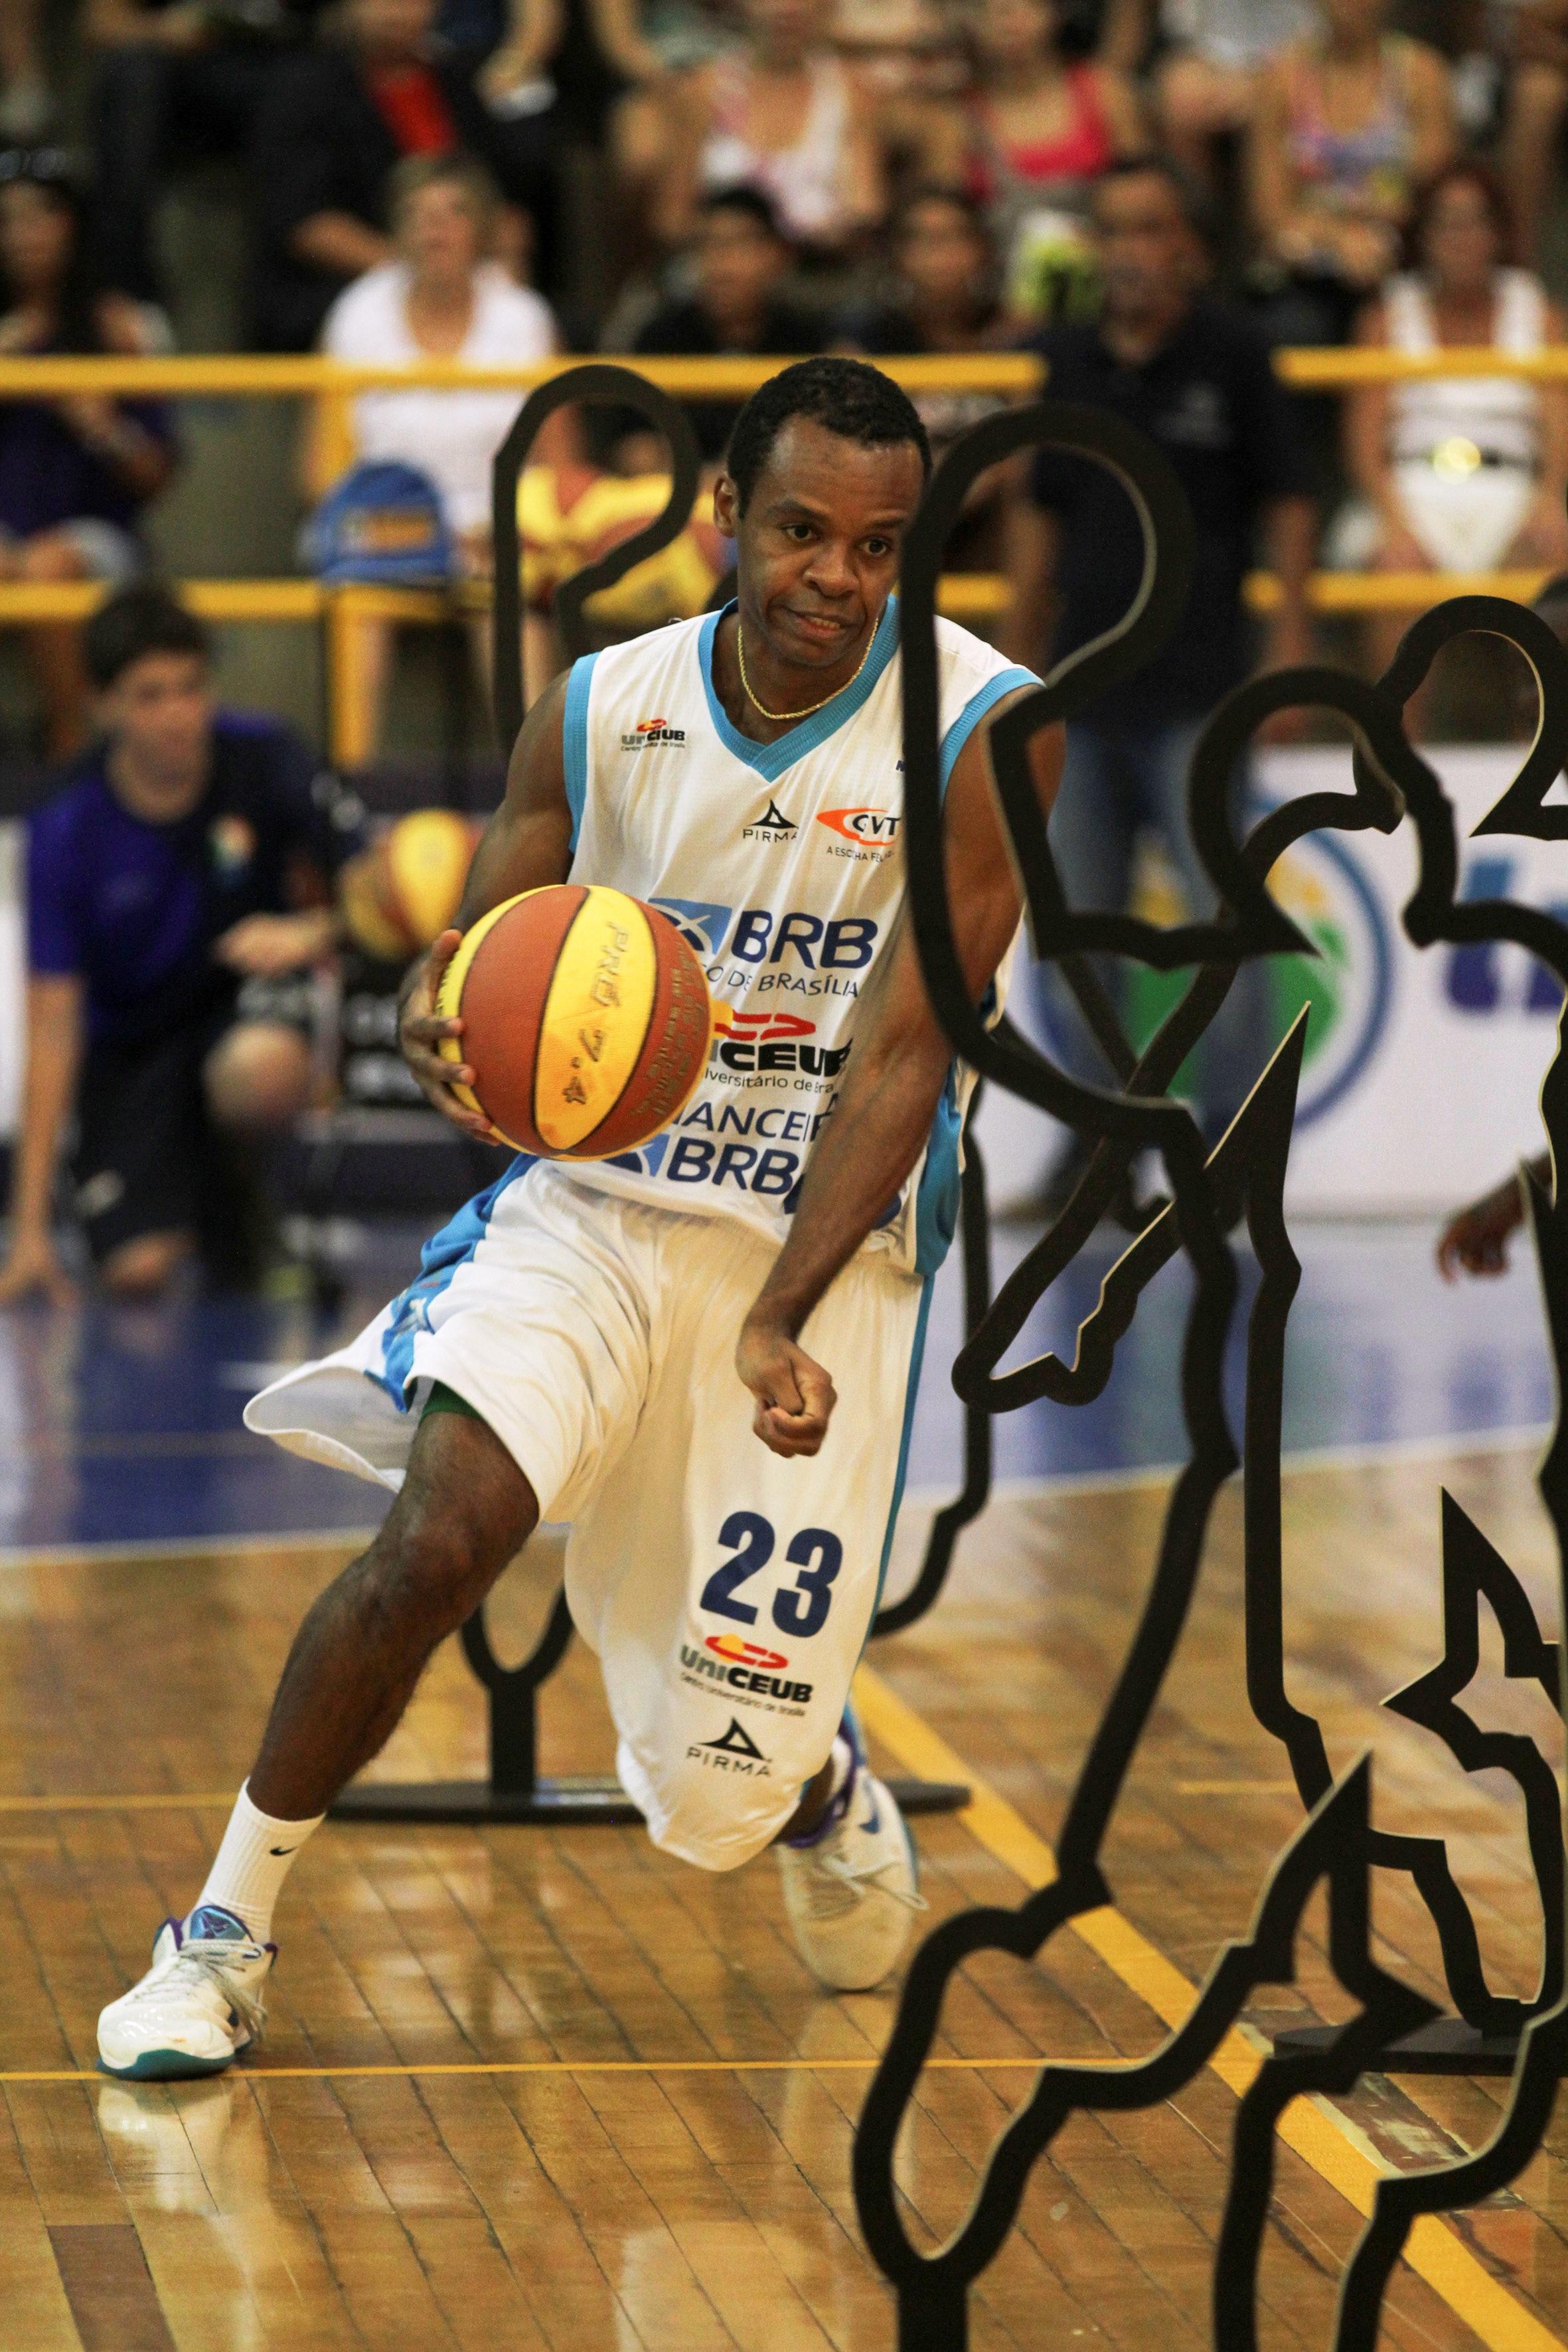 Derrotado por Penna na final de 2012, , Nezinho participará novamente do Desafio de Habilidades (Luiz Pires/LNB)